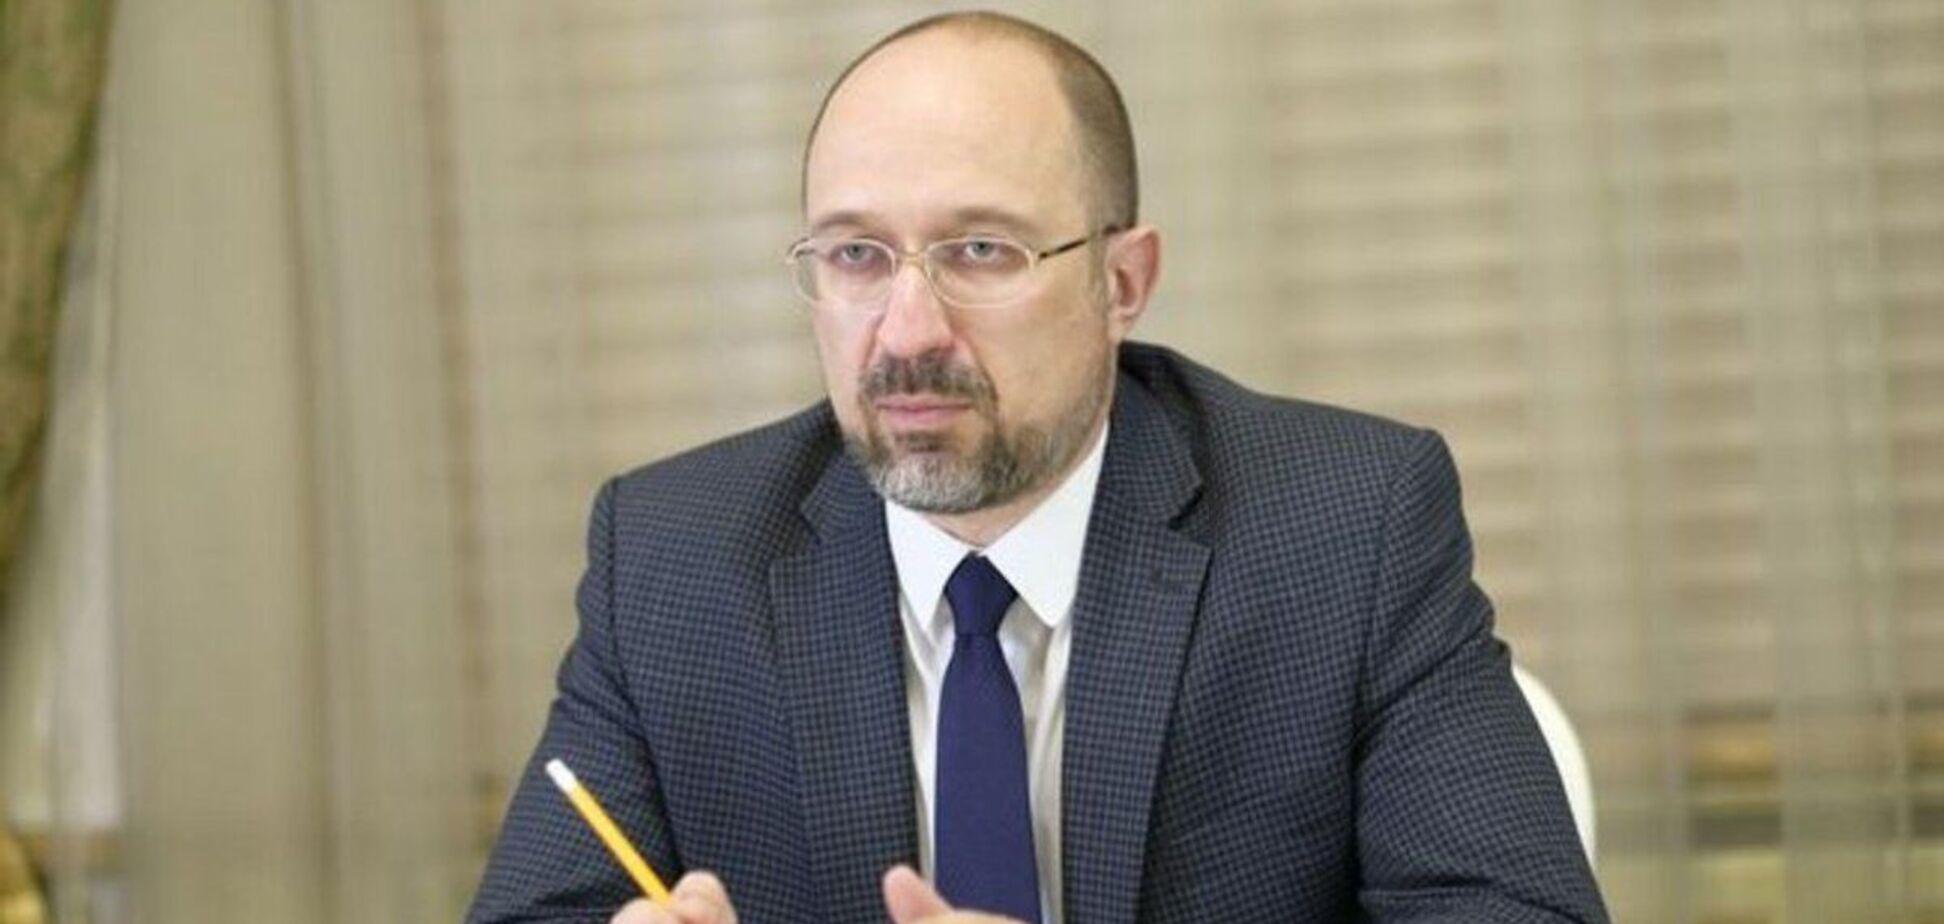 В Україні вартість землі може зрости в 5 разів, – Шмигаль